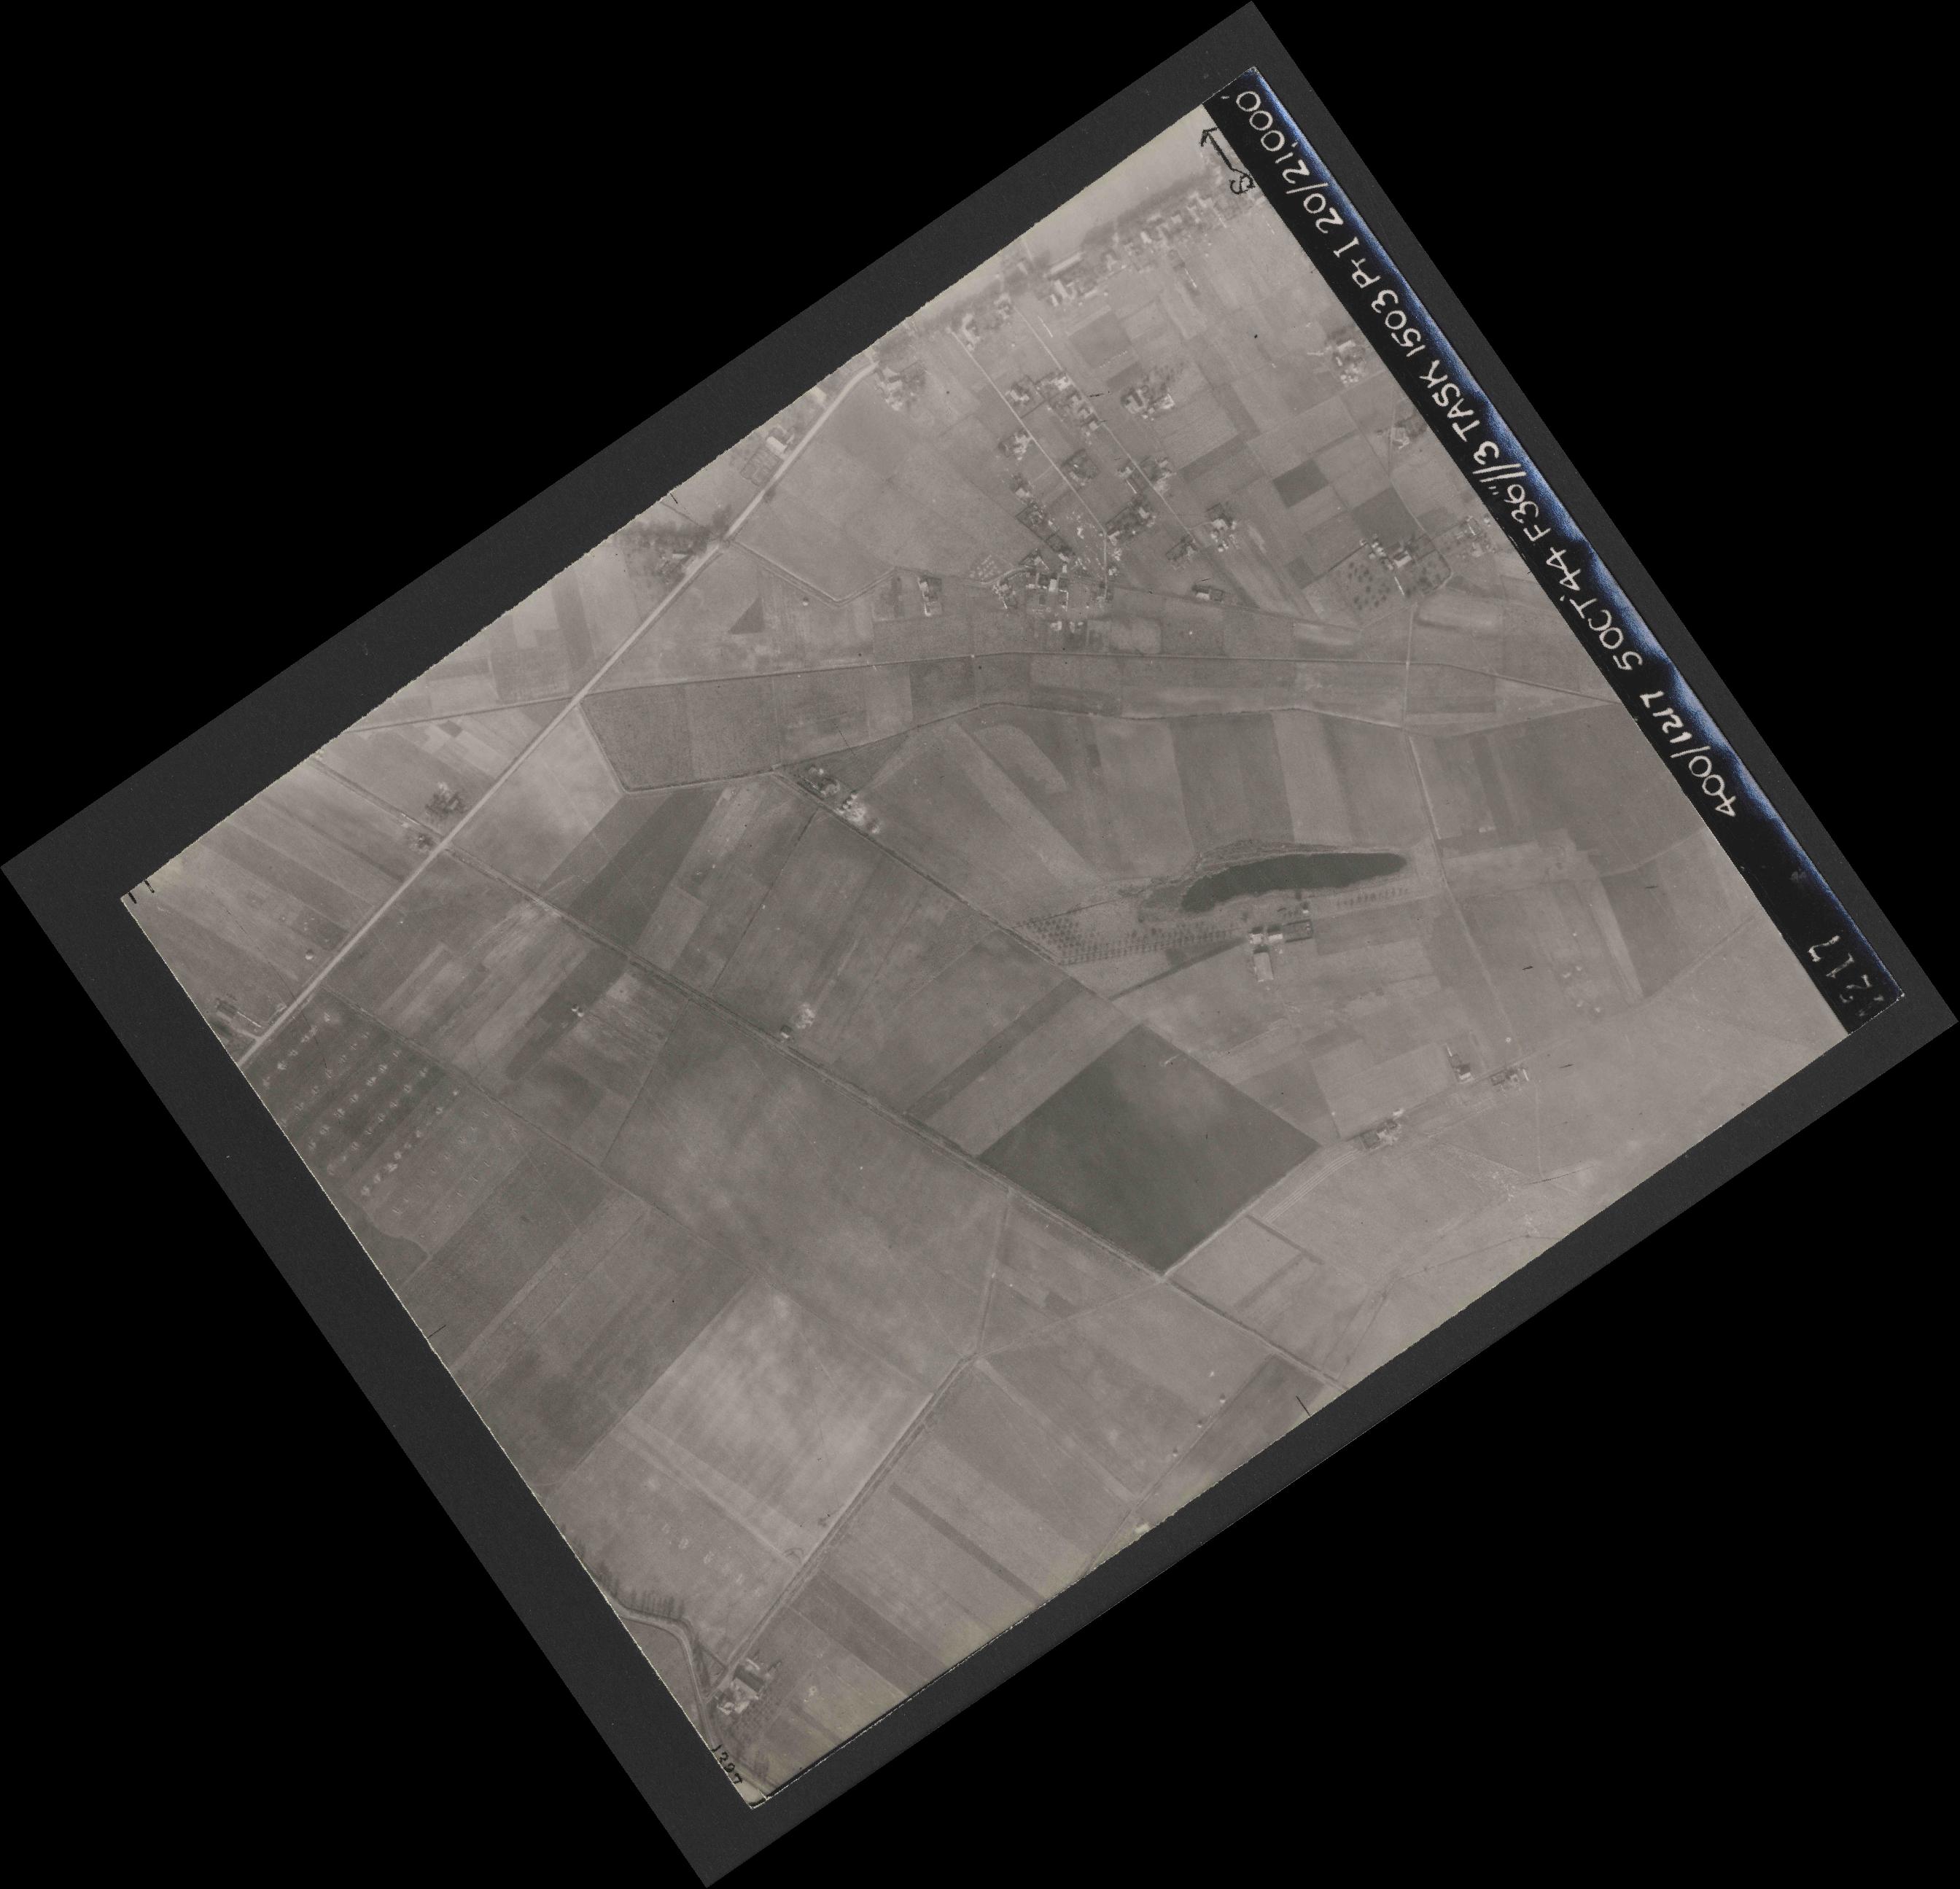 Collection RAF aerial photos 1940-1945 - flight 316, run 02, photo 4217